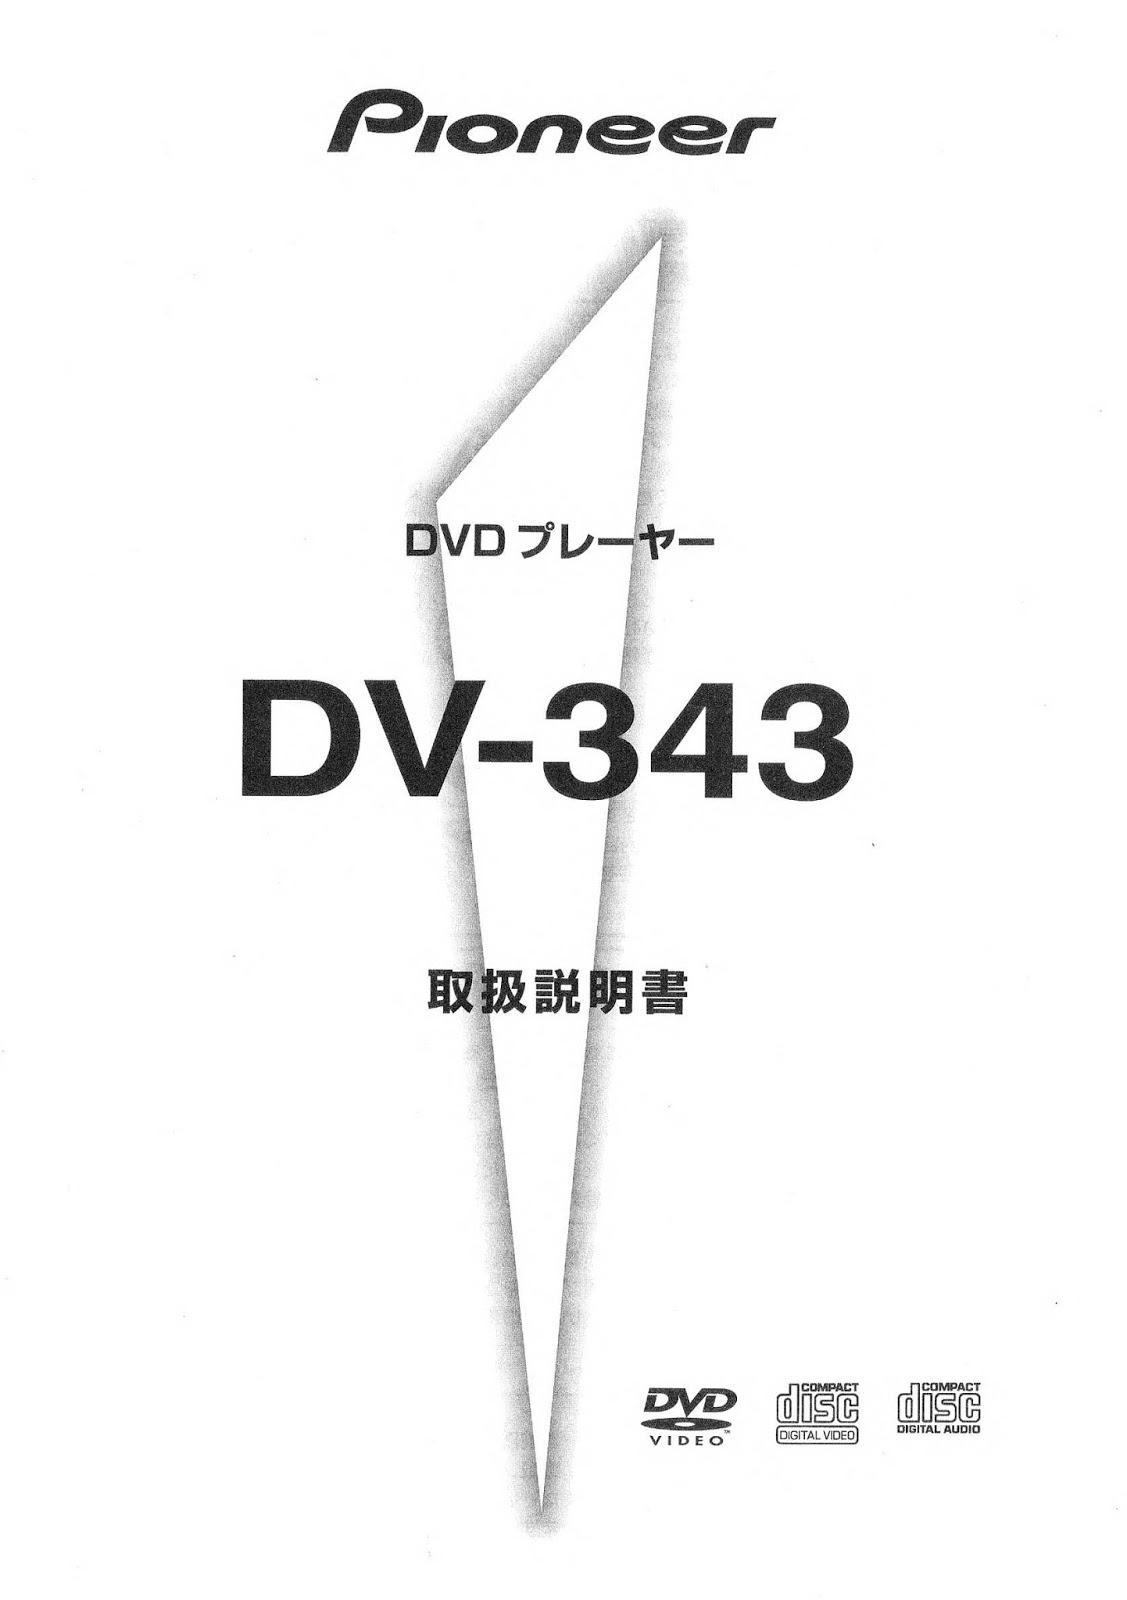 マニュアルサイト詳細館: 03/06/18